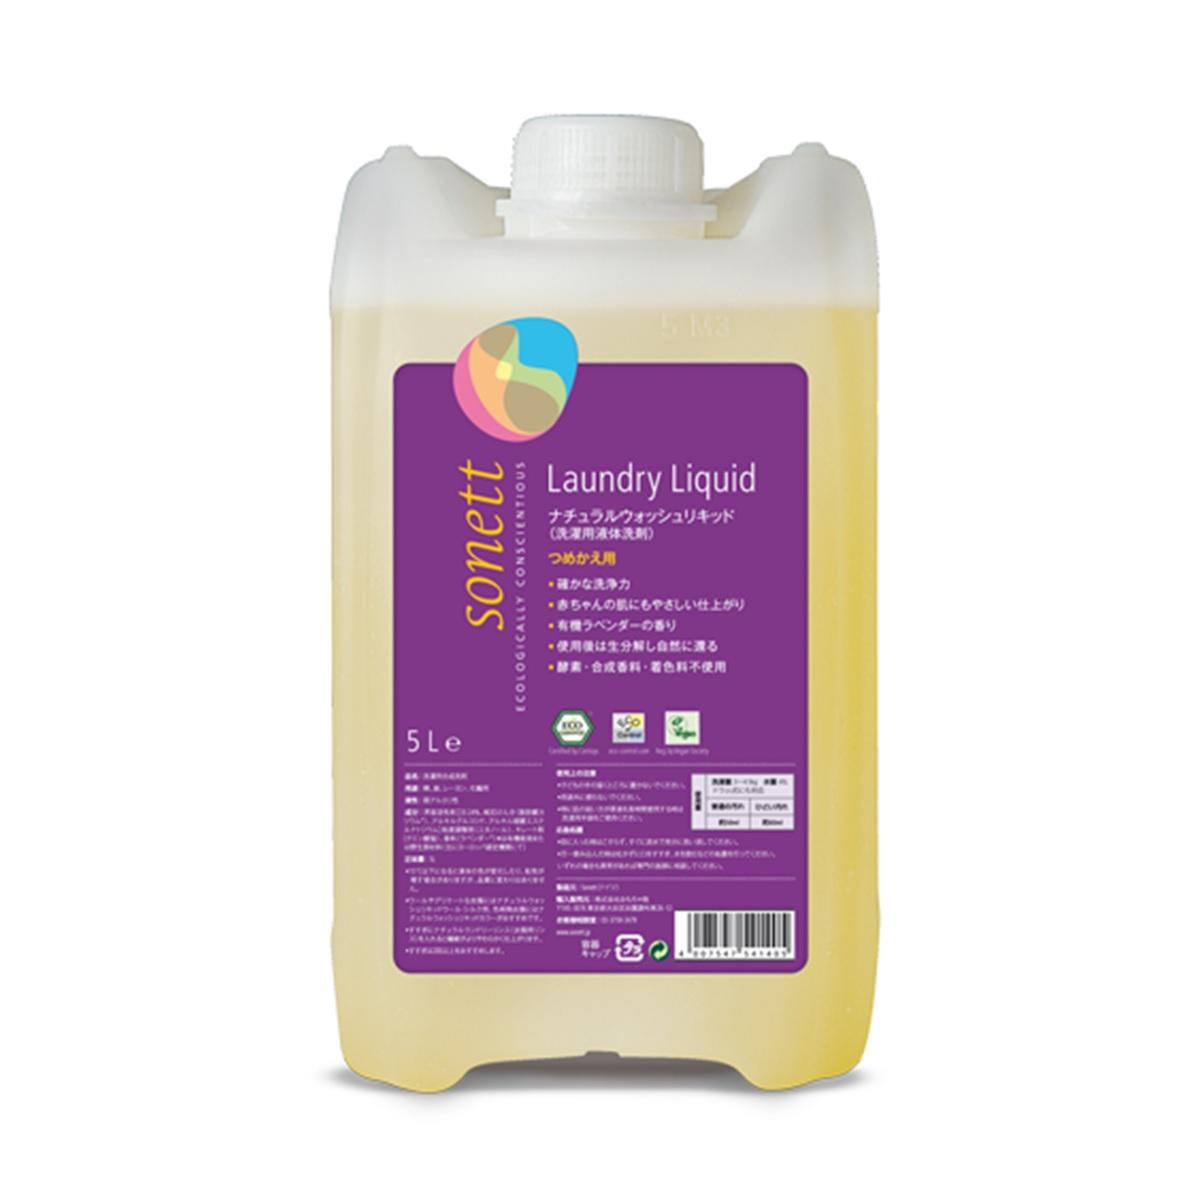 ソネット|ナチュラルウォッシュリキッド(洗濯用液体洗剤)5L <詰替用>